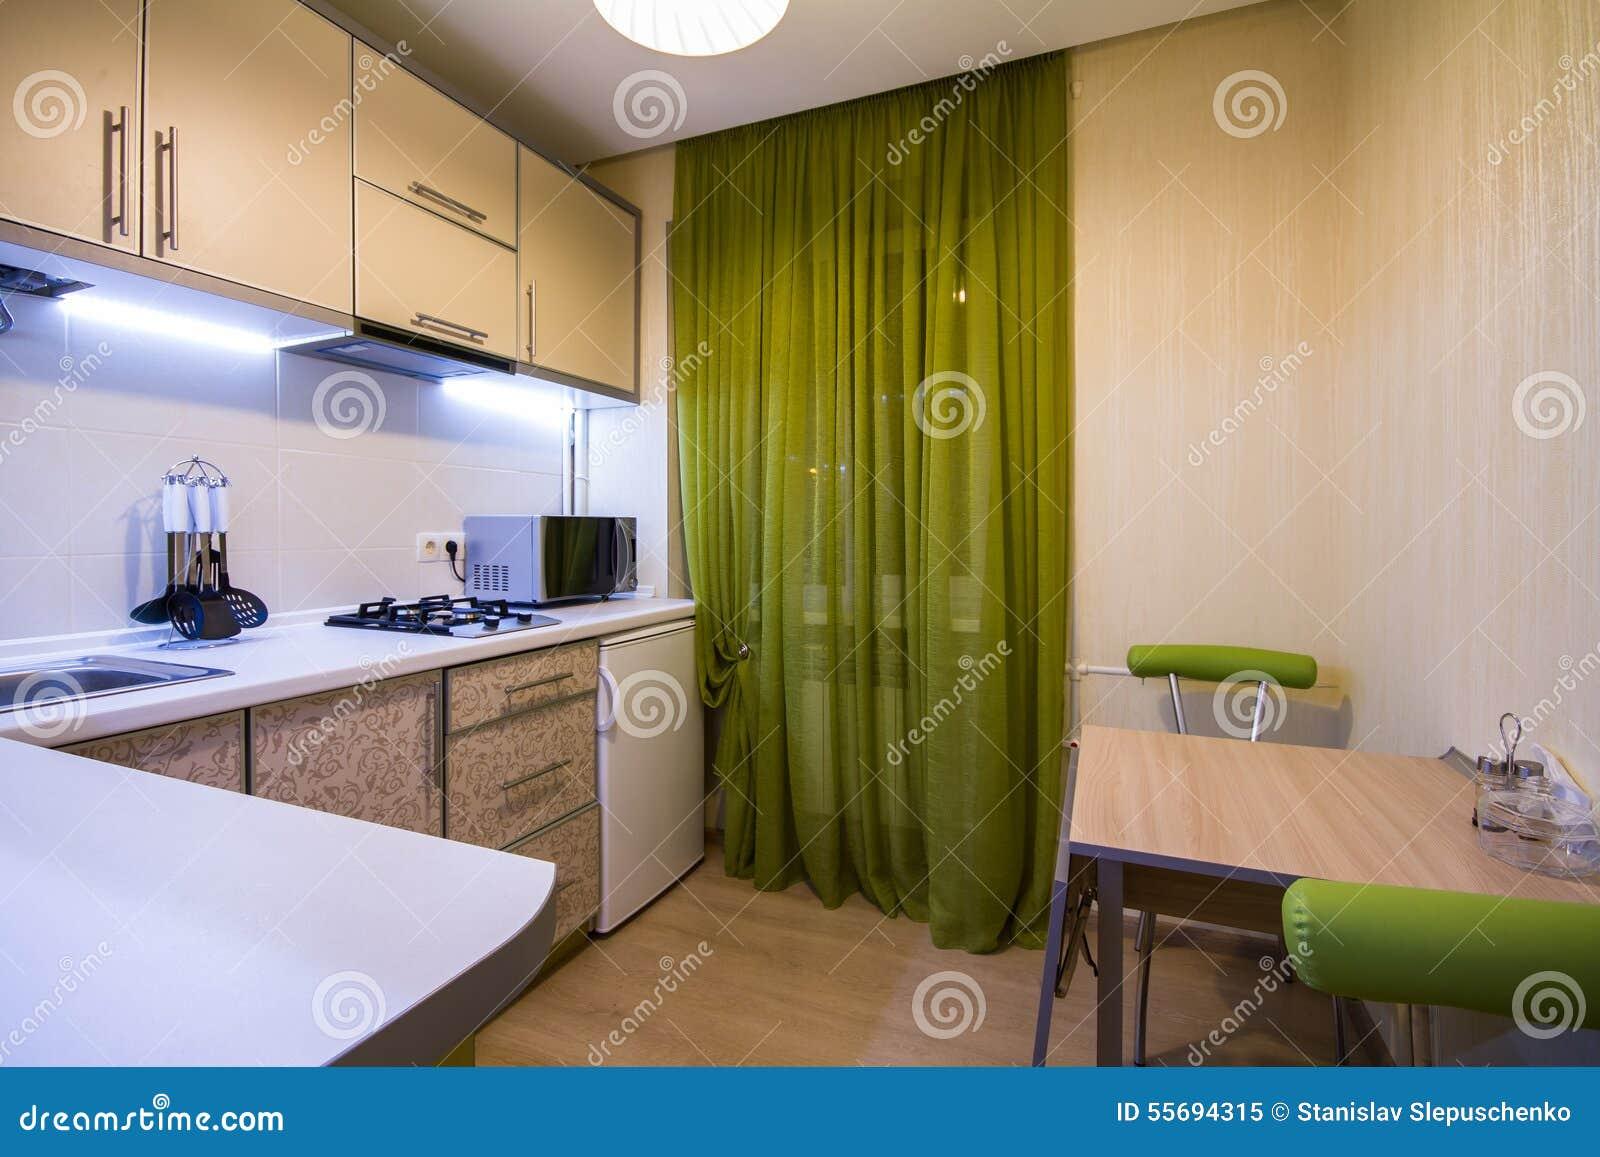 Piccola cucina moderna con le tende verdi immagine stock